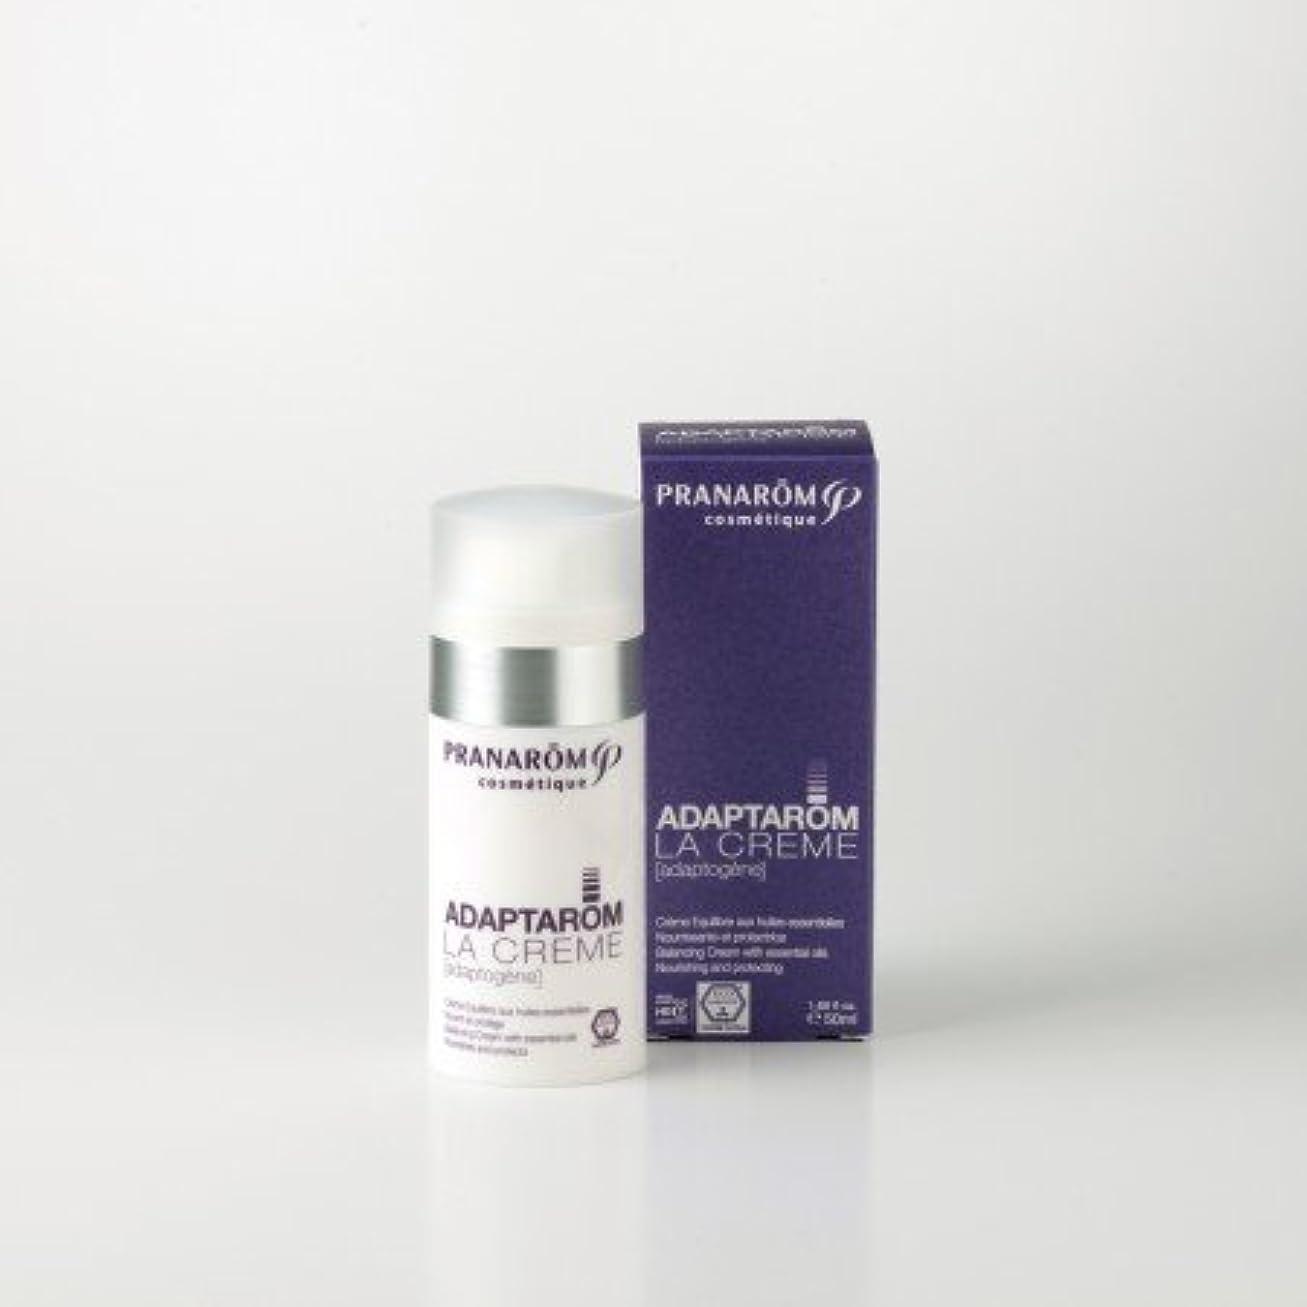 広範囲に枯渇する工業化するプラナロム (PRANAROM) 基礎化粧品 アダプタロム?クリーム 50ml 12673